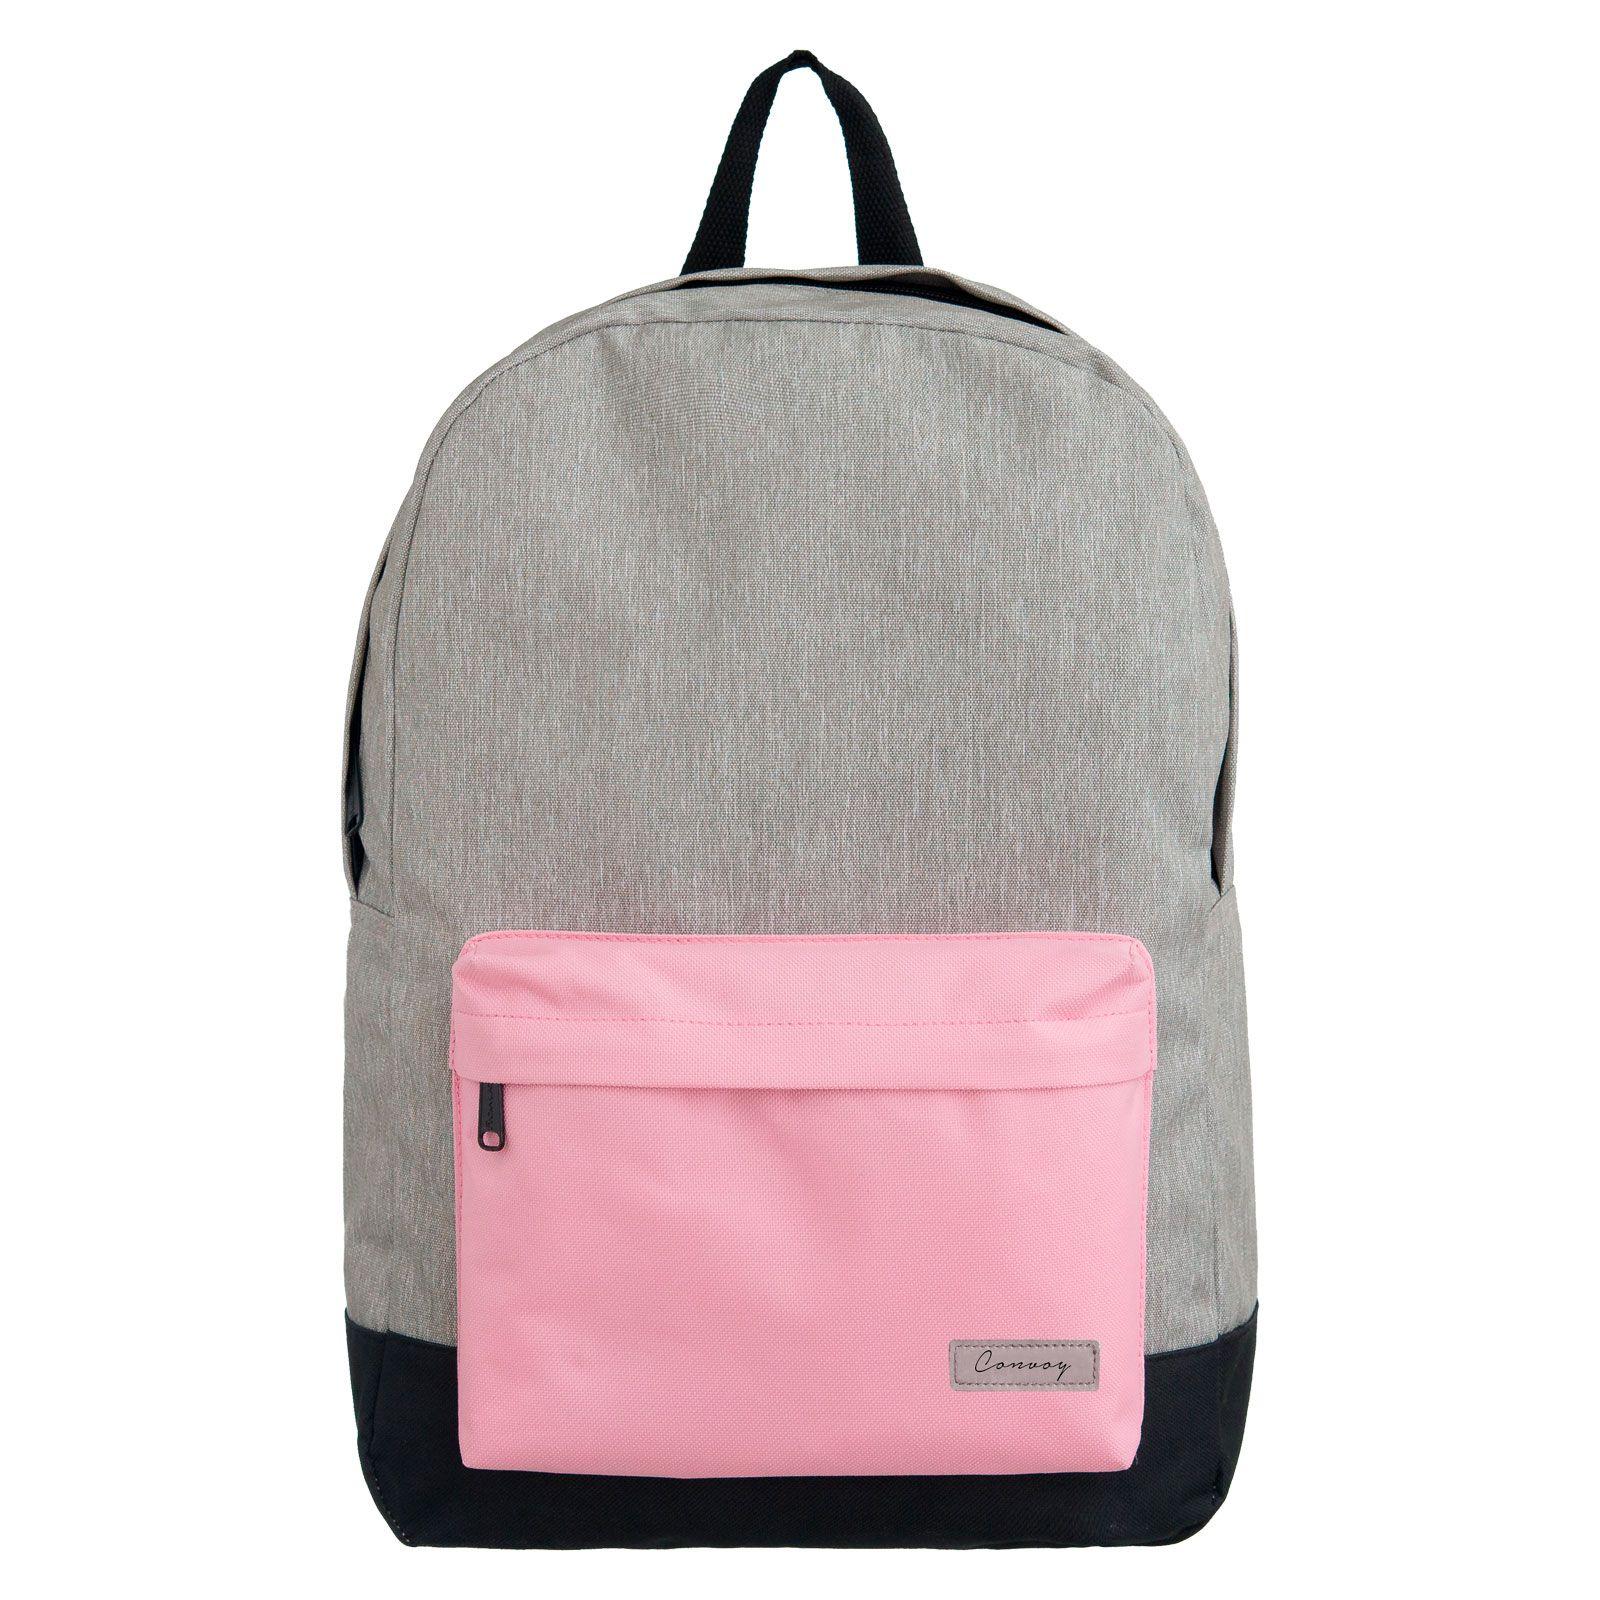 Mochila escolar cinza/rosa pastel YS29116 Convoy